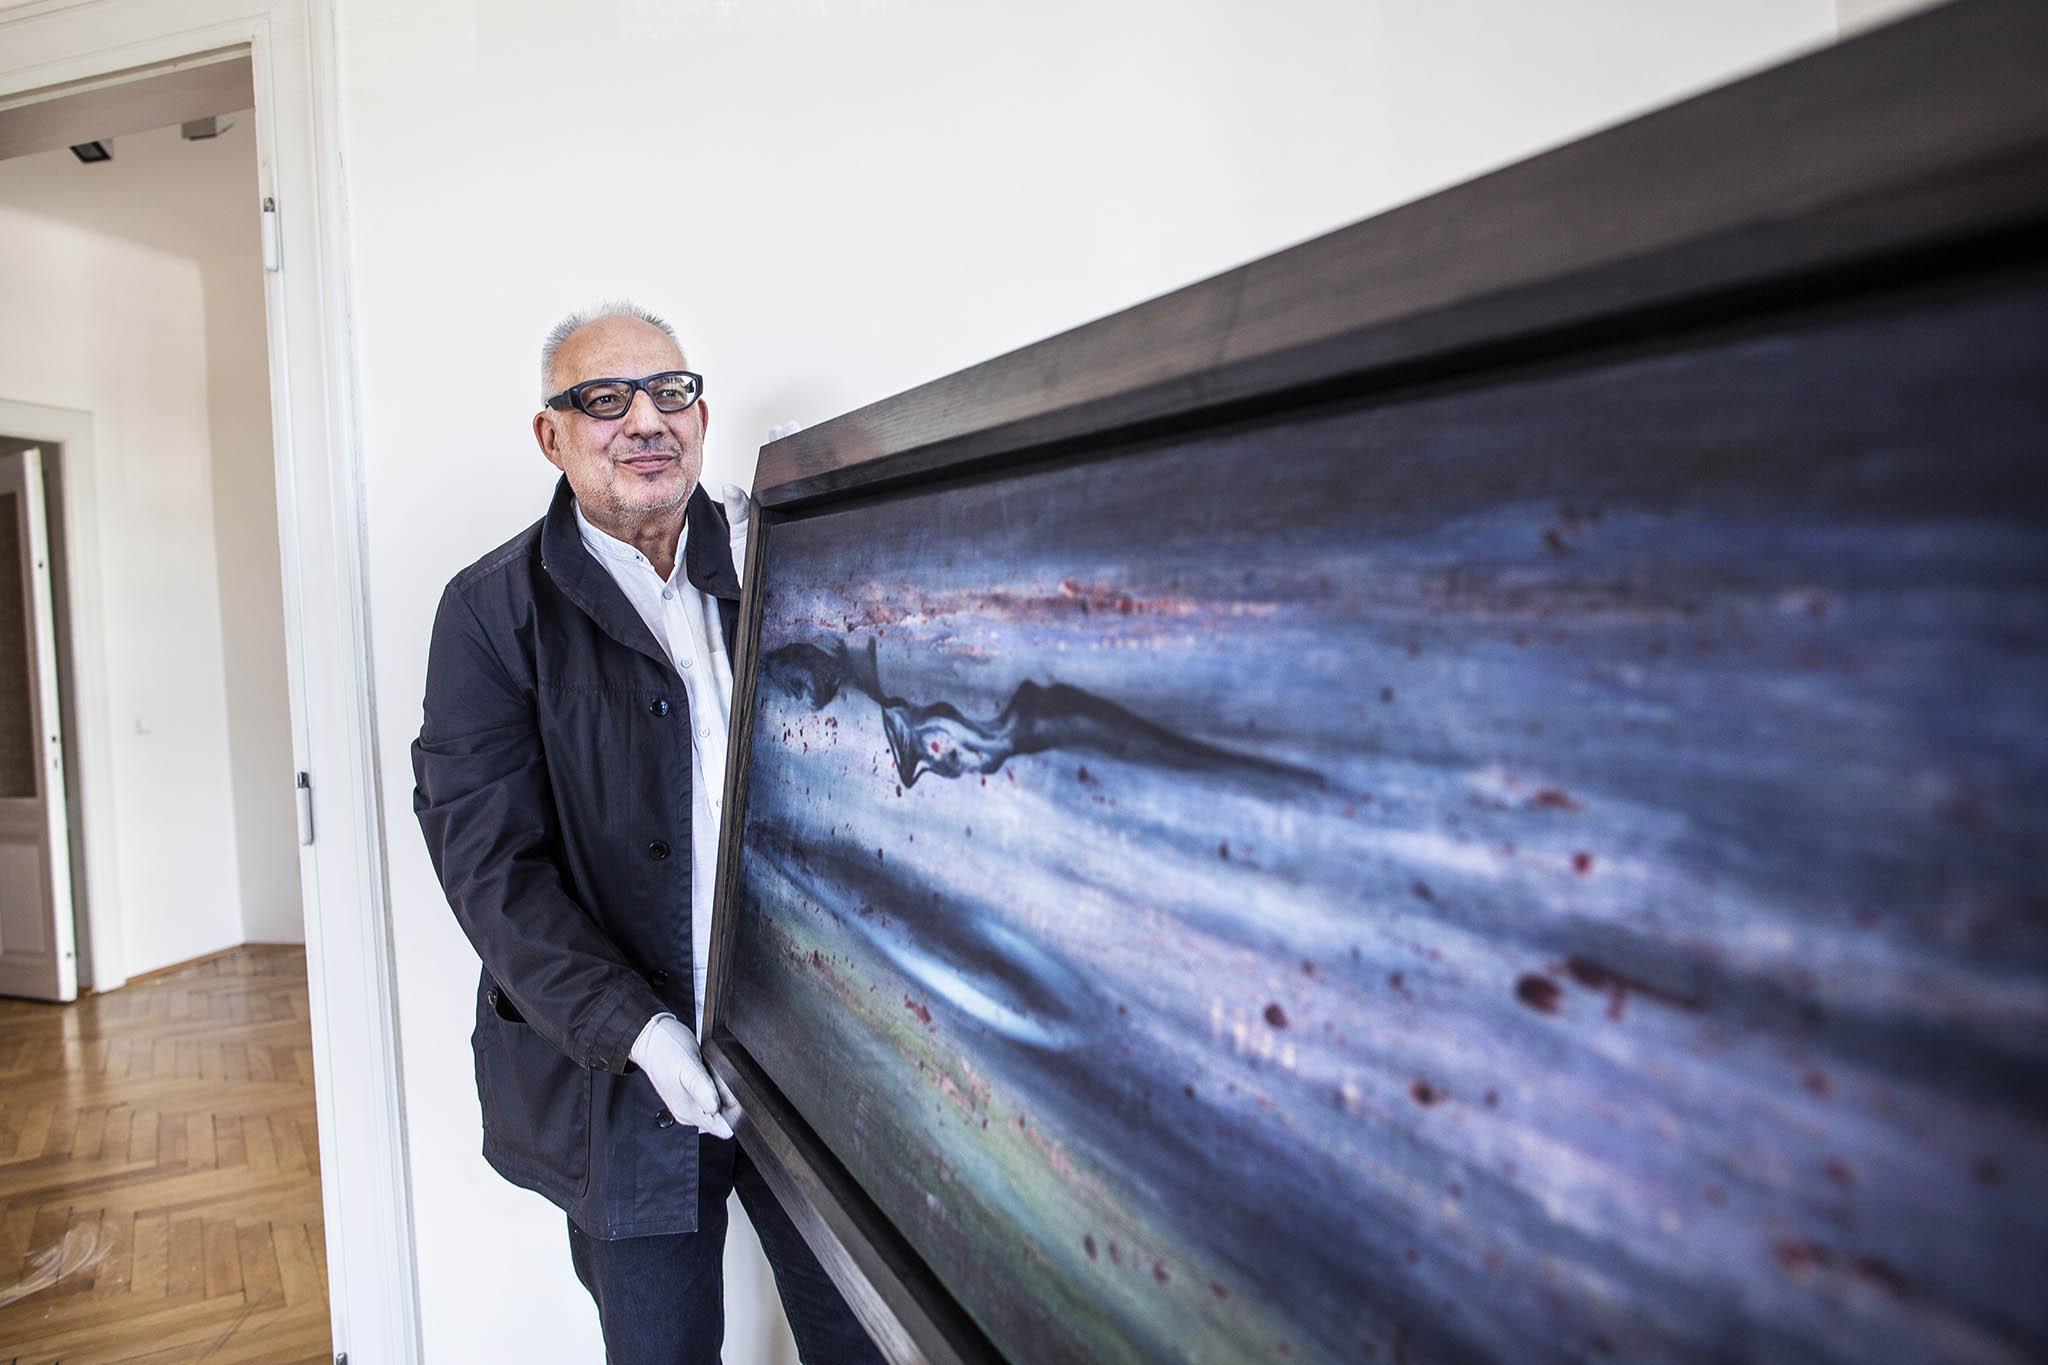 Jiri Svestka Gallery má ve své nabídce také obrazy klasické moderny, jako například Toyen Ile de Sein z roku 1950.